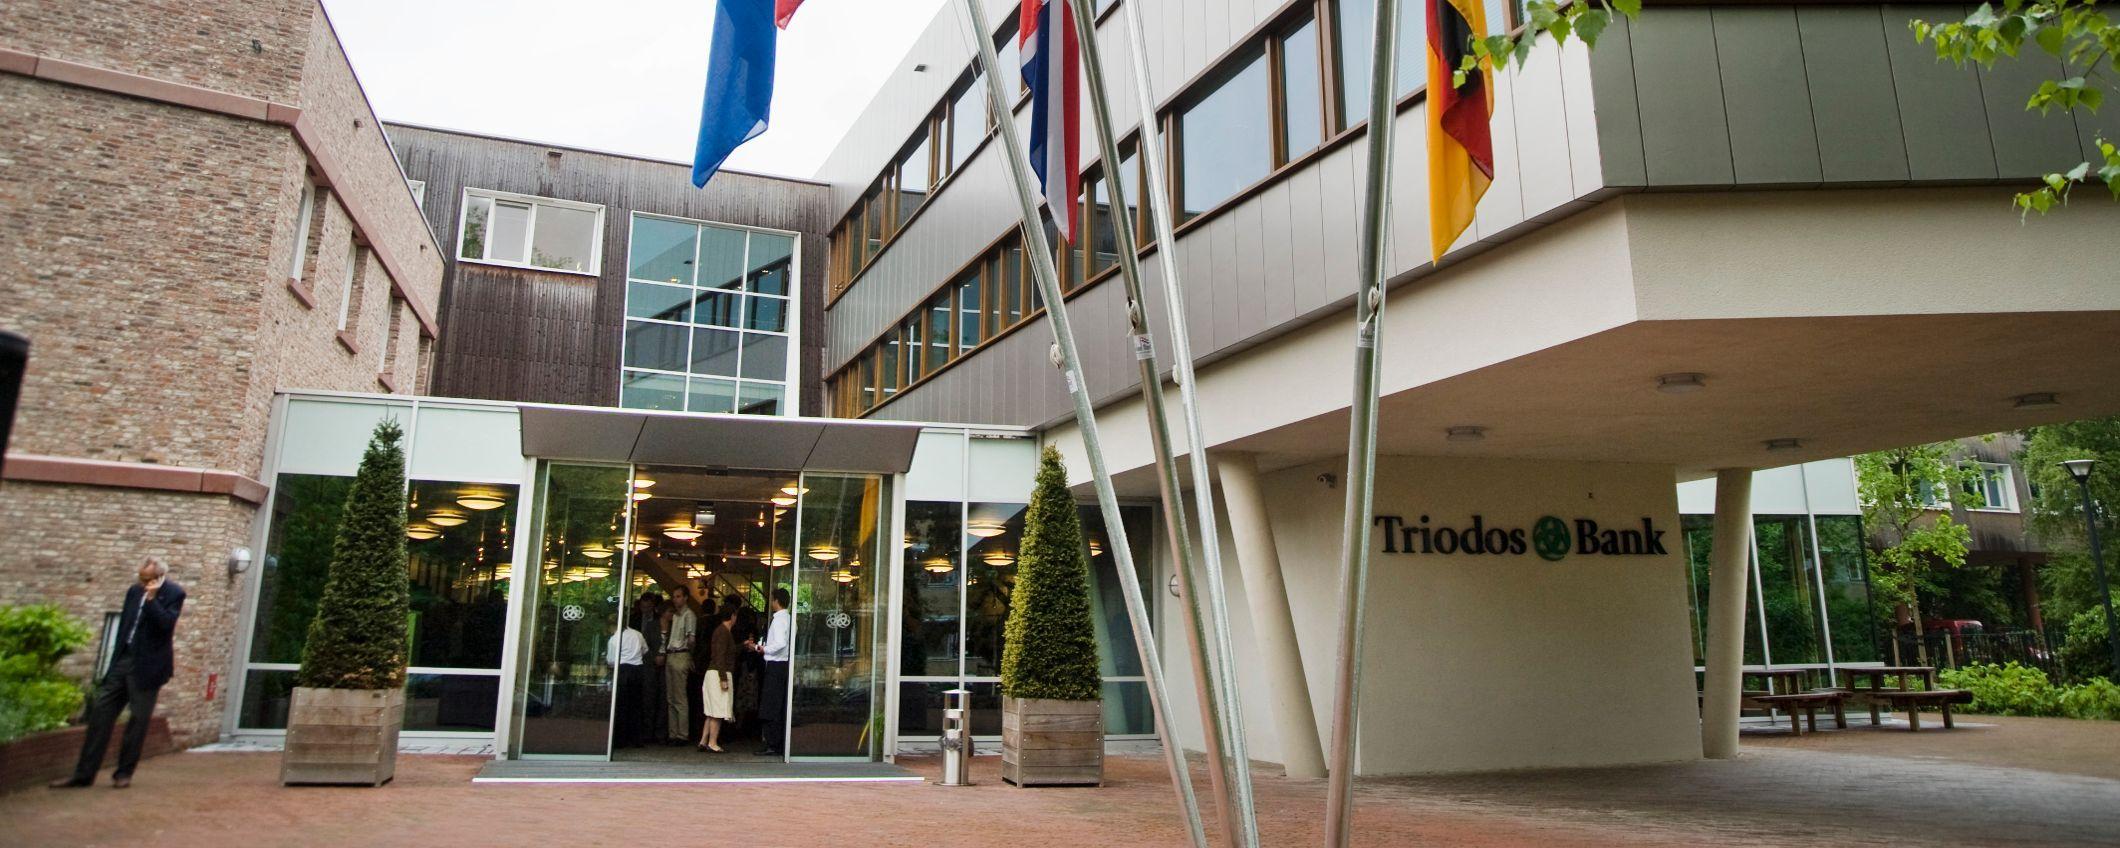 Het hoofdkantoor van Triodos Bank in Zeist